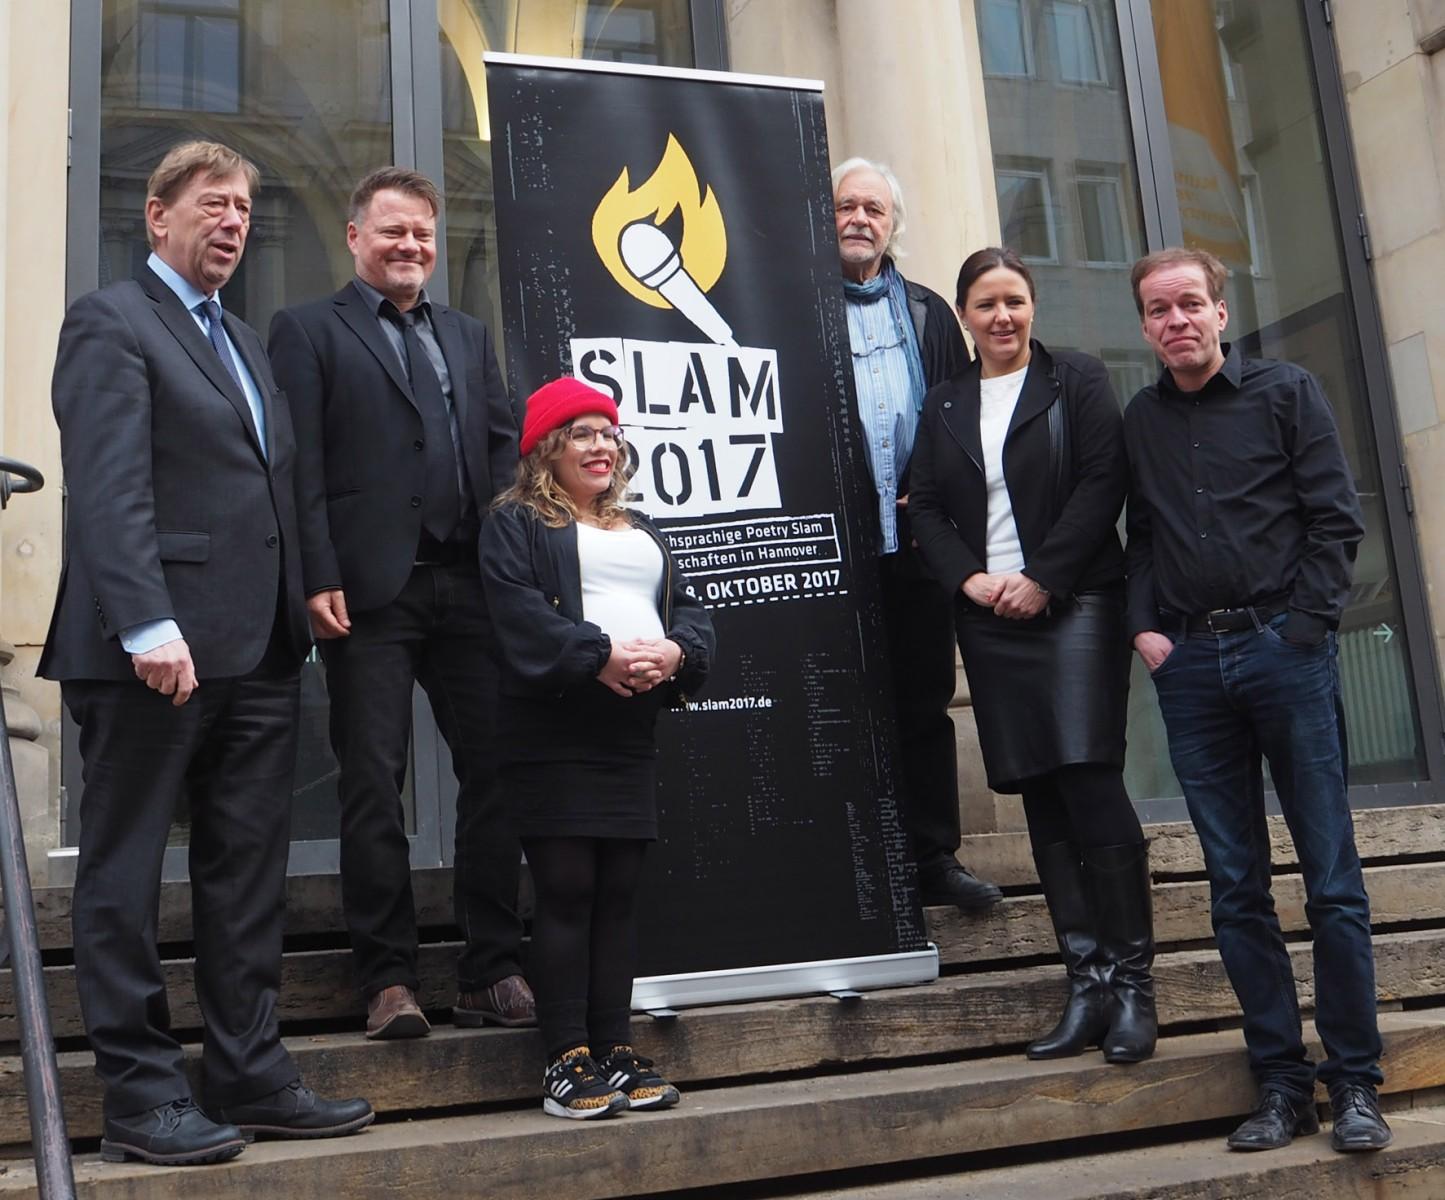 Kulturdezernent Harald Härke, Henning Chadde, Ninia Binias, Klaus Urban, Tania Rubenis von der Stiftung Sparda-Bank und Jörg Smotlacha